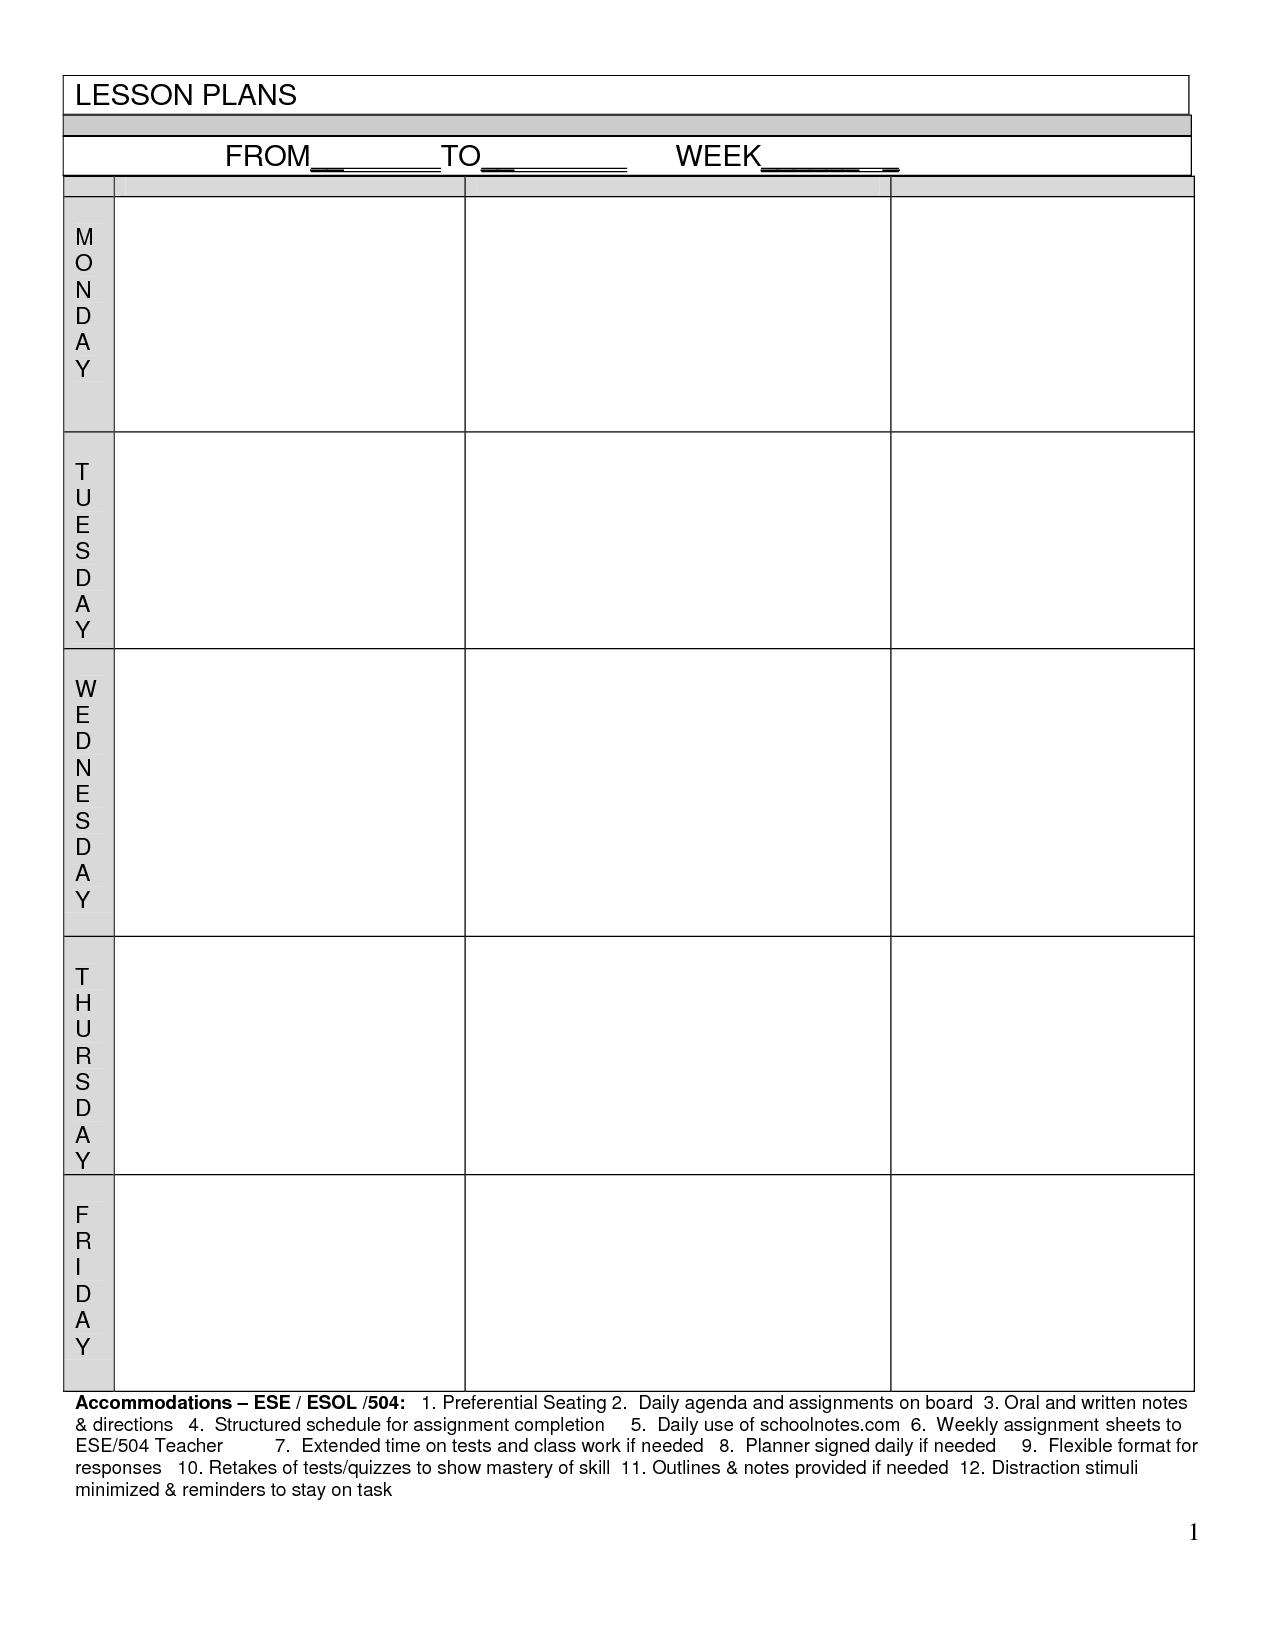 Blank Lesson Plans For Teachers